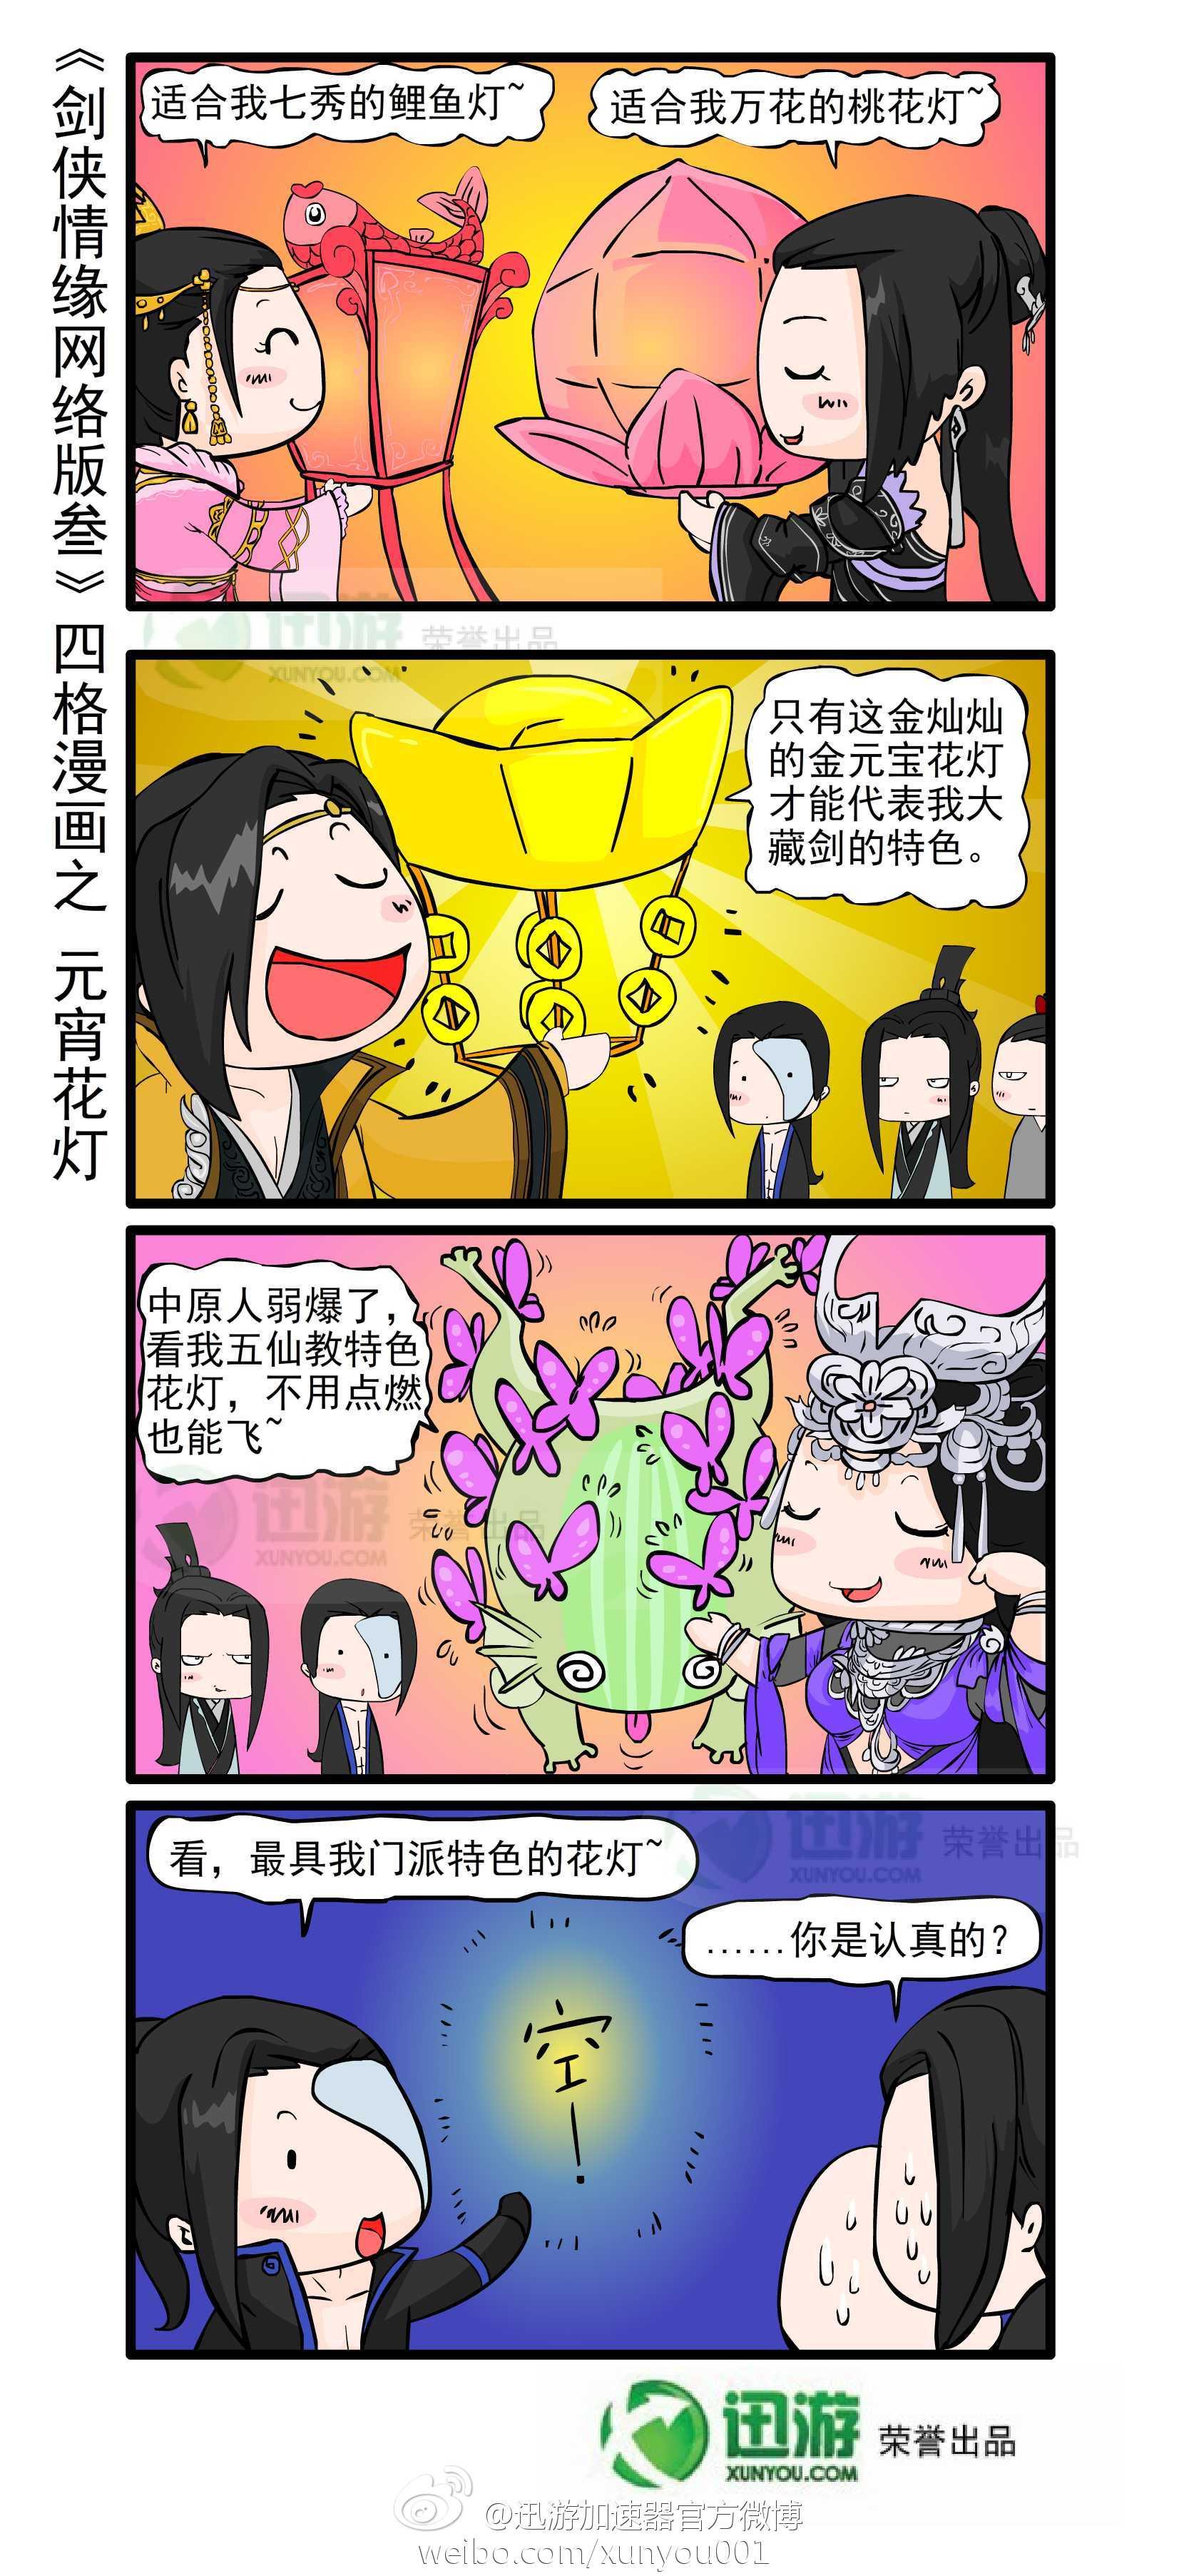 正月十五放花灯 剑网3各门派元宵节的花灯